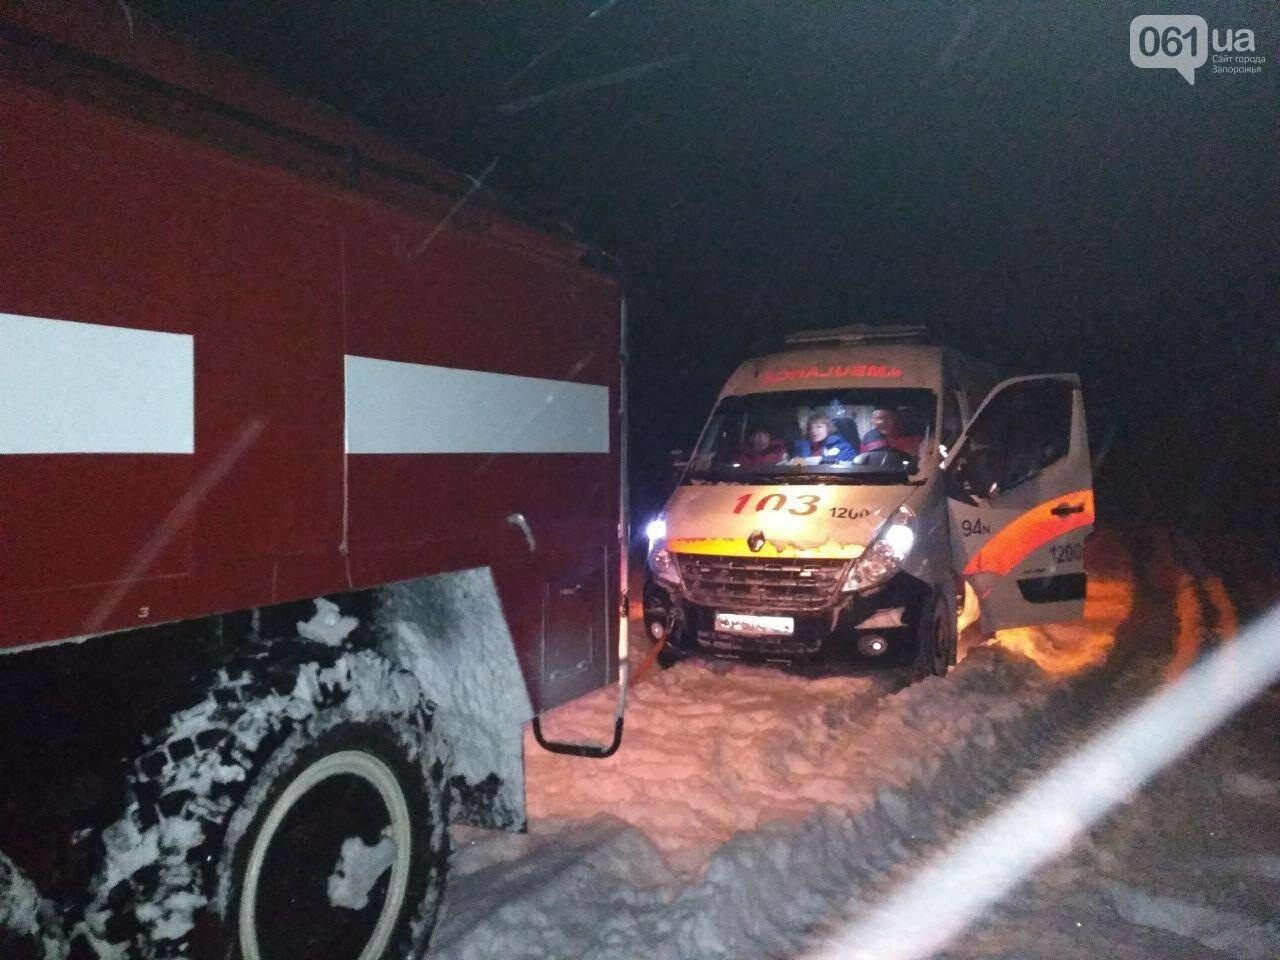 В Запорожской области за 4 суток из снега вытащили 192 машины, спасены 453 человека, - ФОТО, ВИДЕО, фото-2